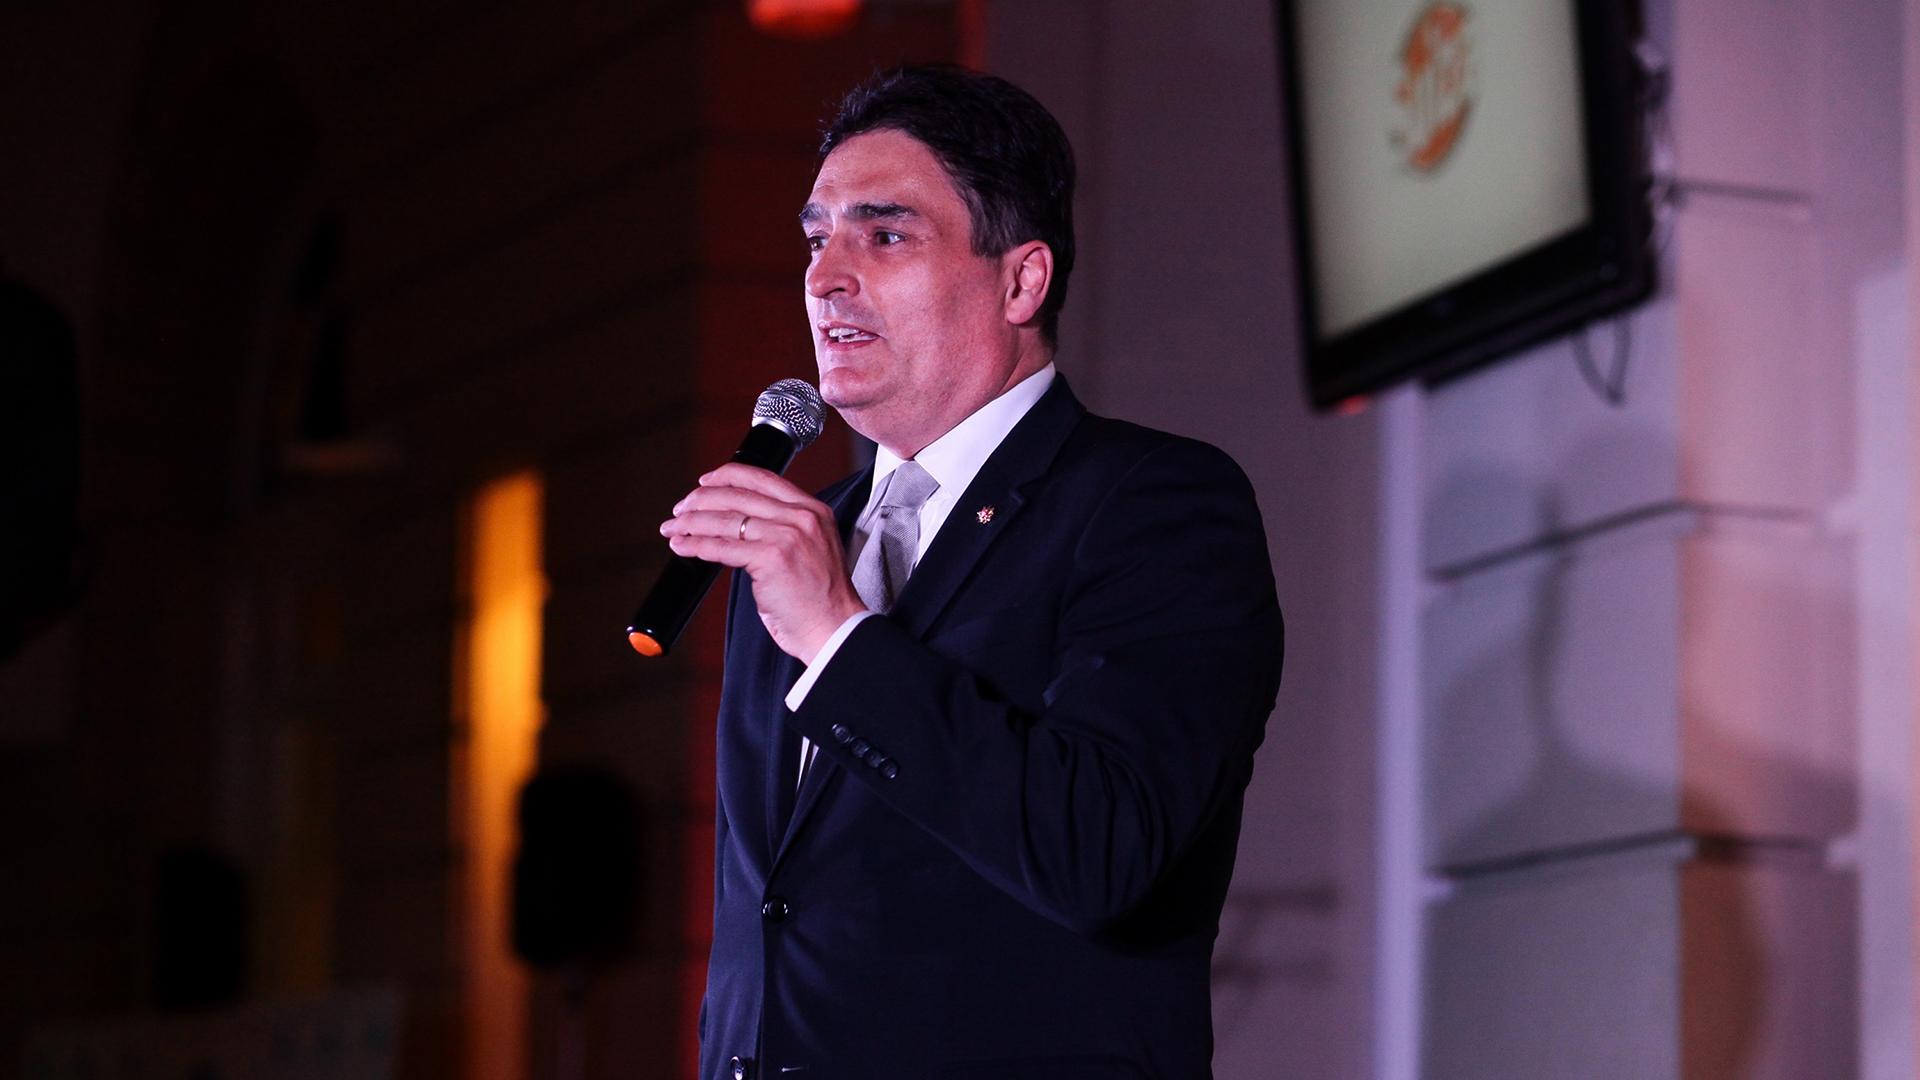 El discurso del embajador de Suiza, Hanspeter Mock